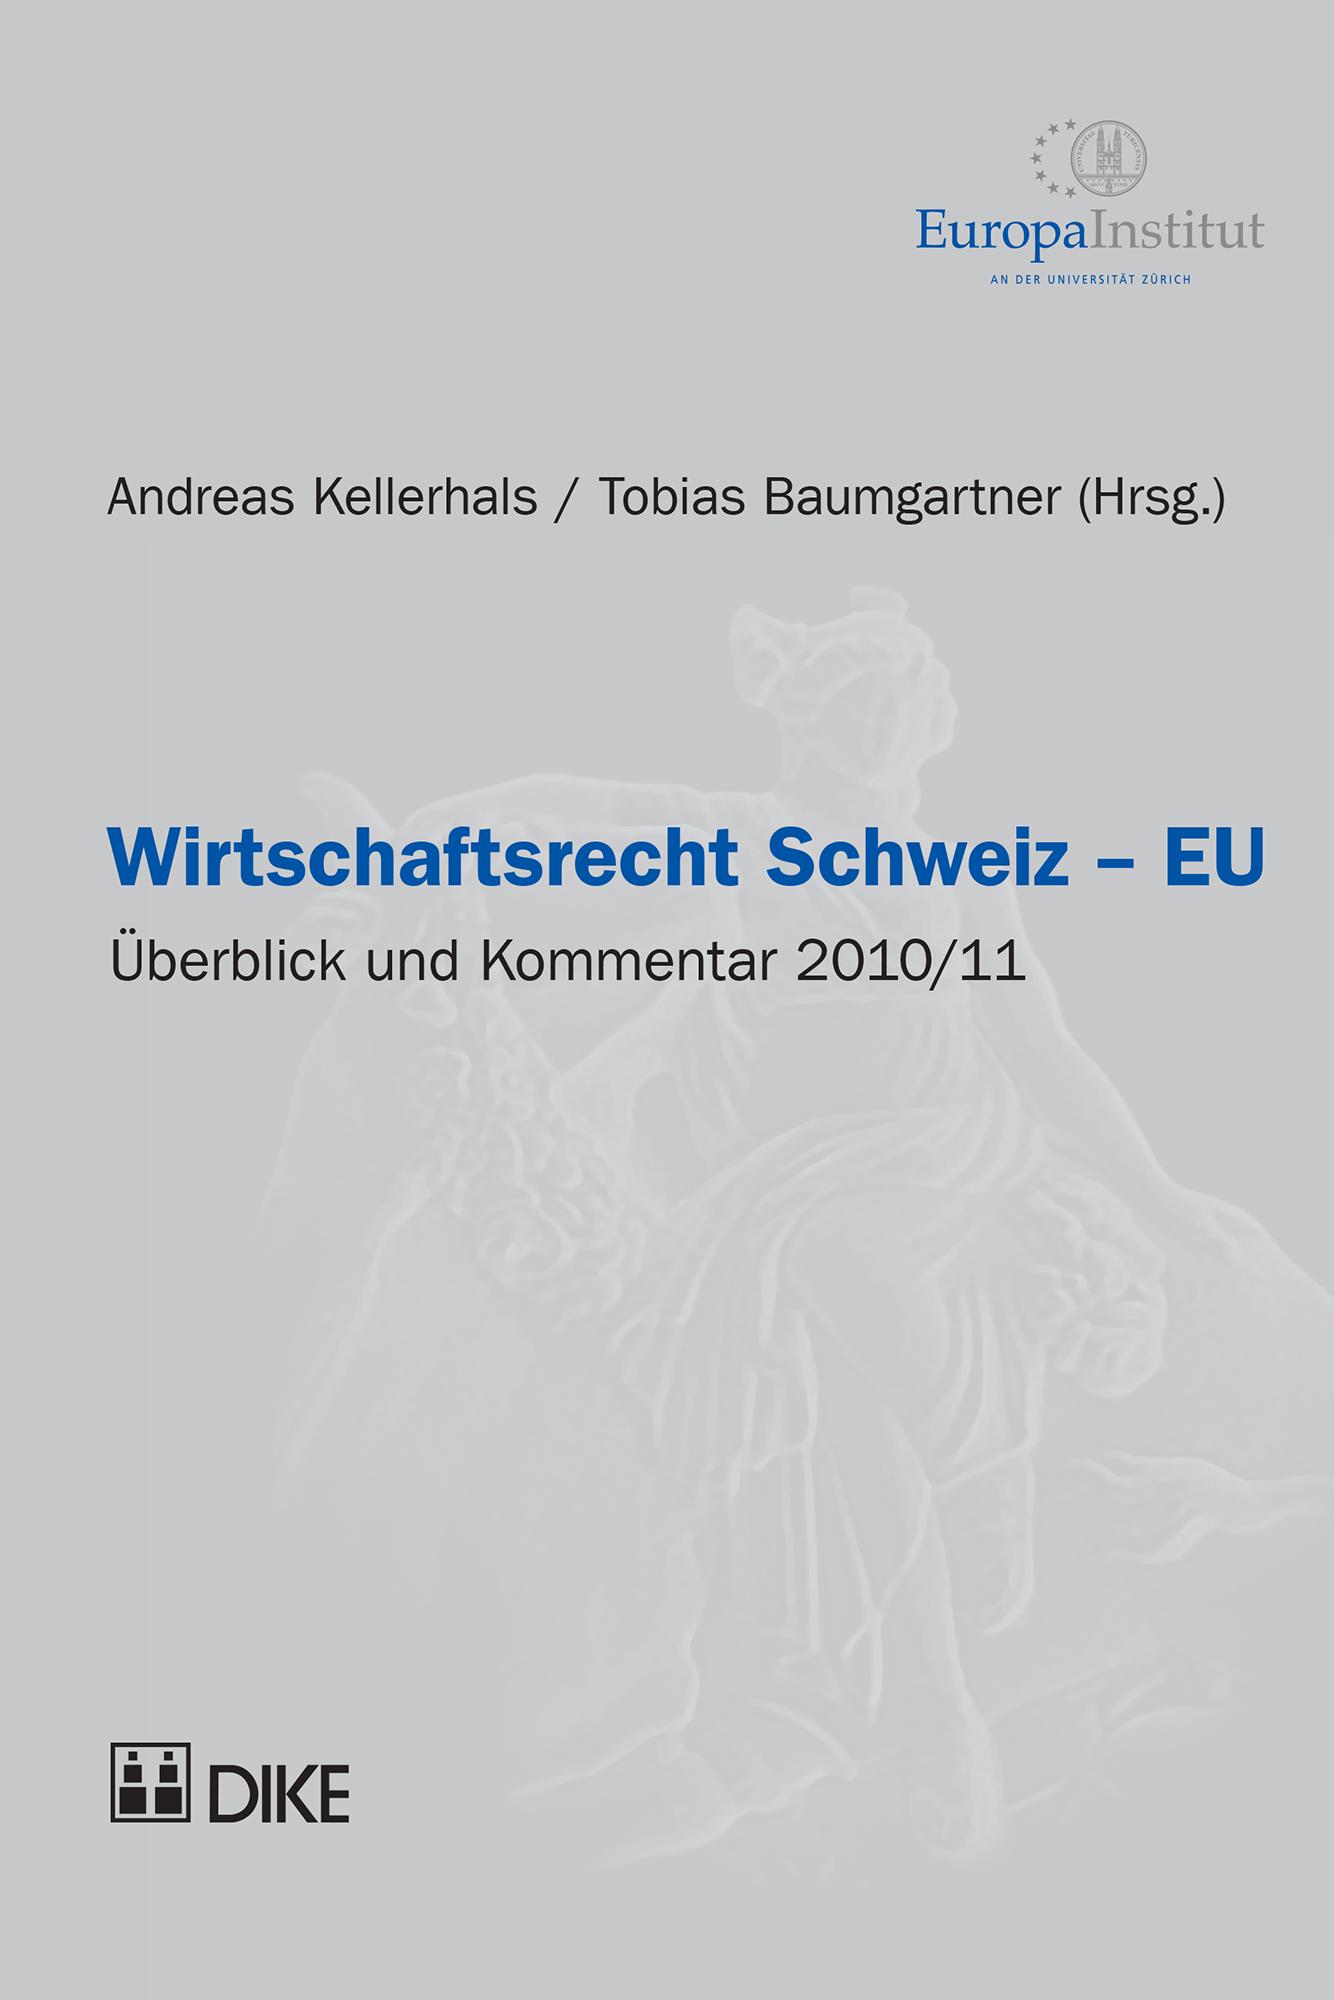 Wirtschaftsrecht Schweiz – EU 2010/11